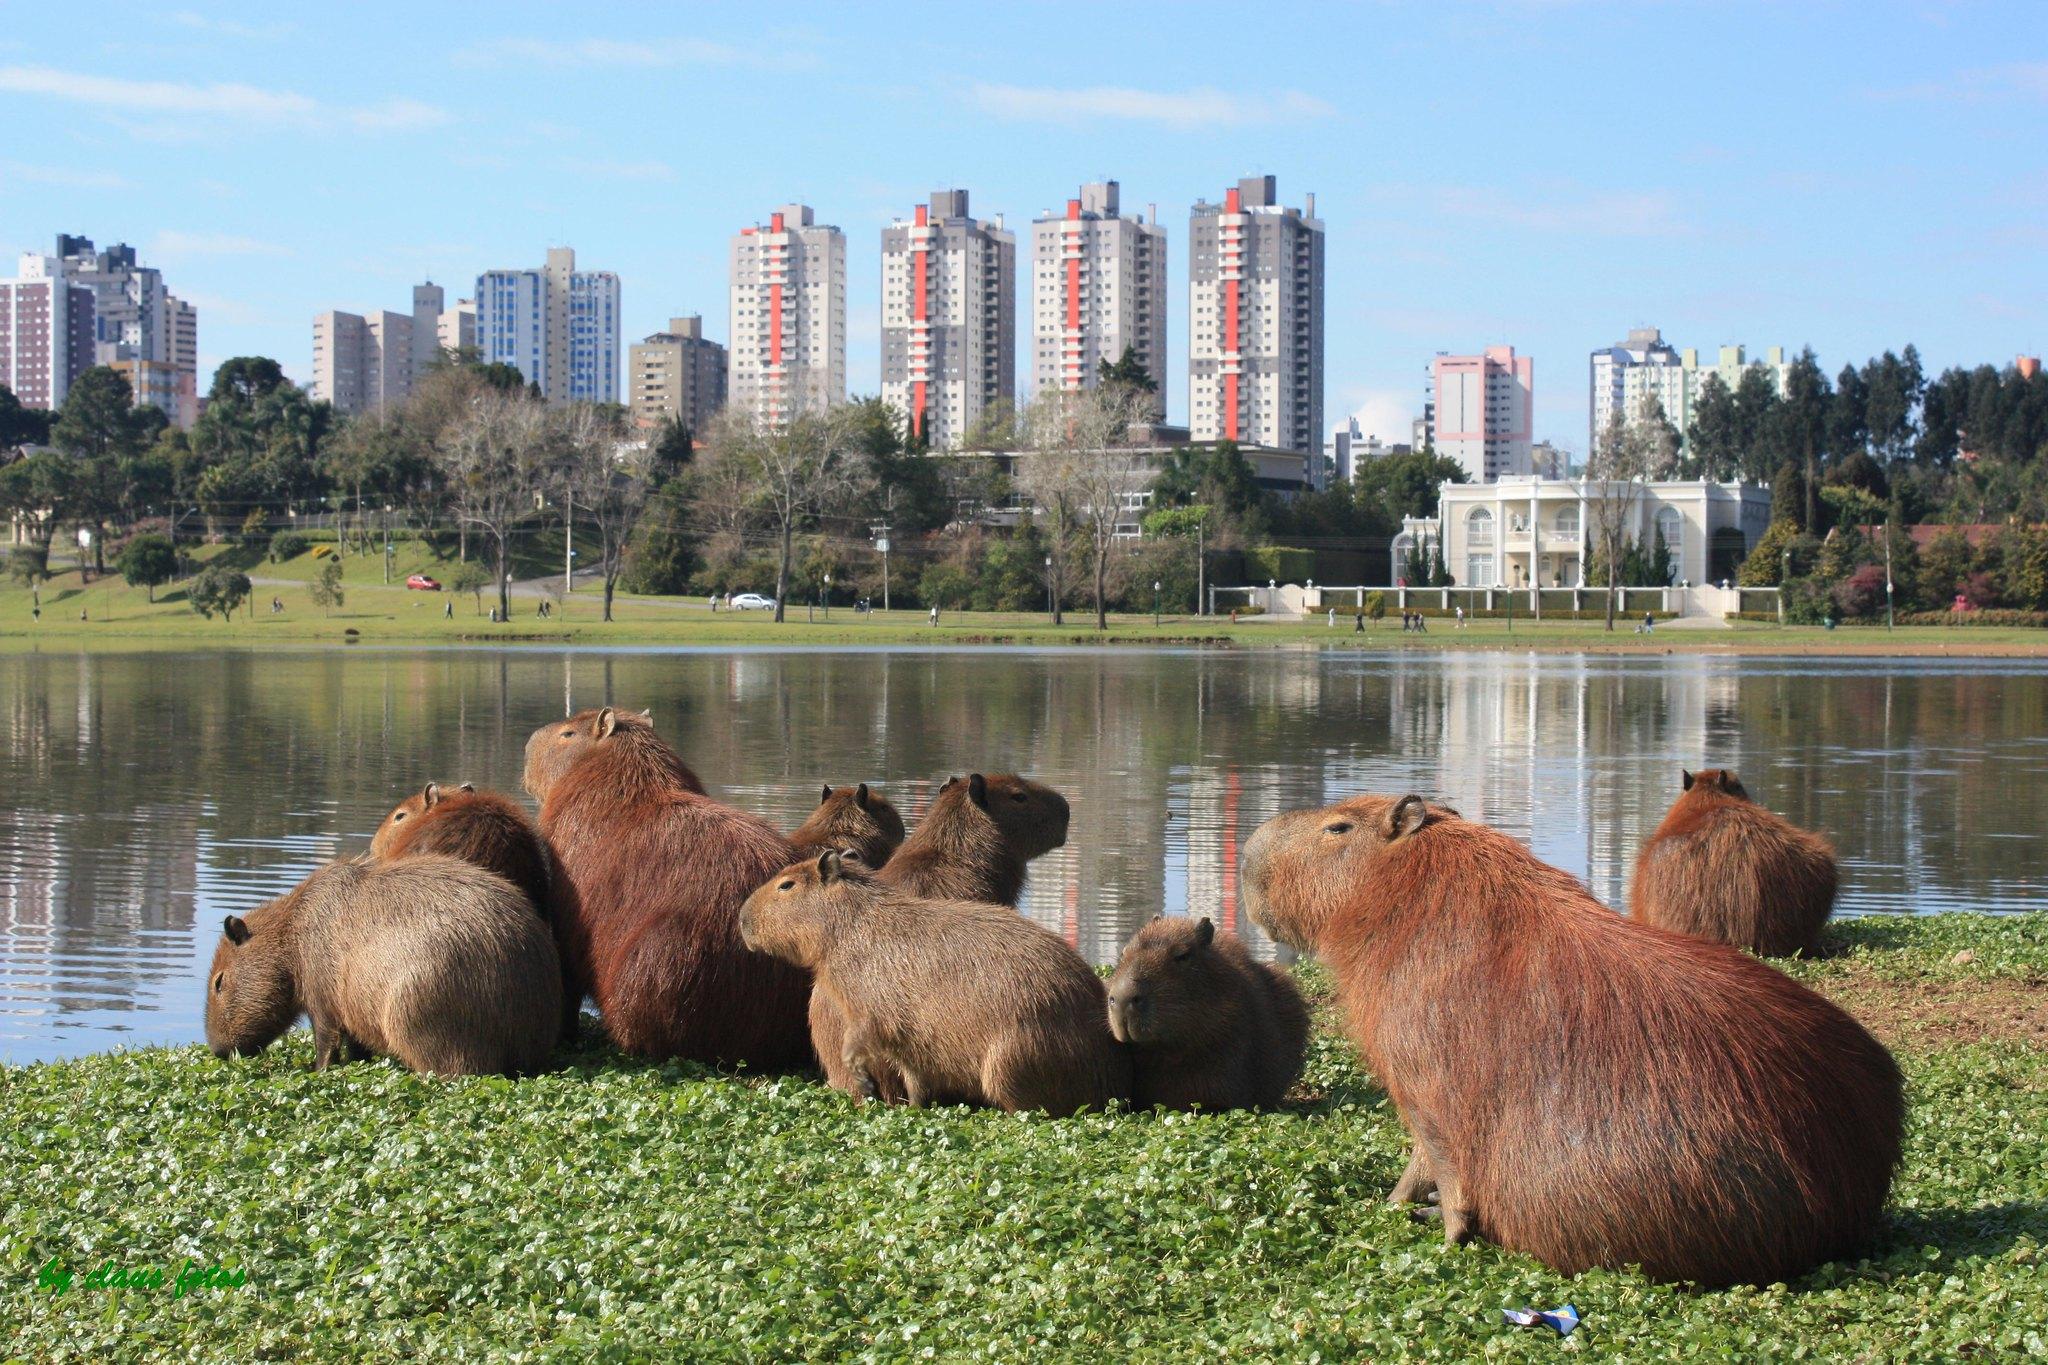 A importância das cidades para a preservação ambiental